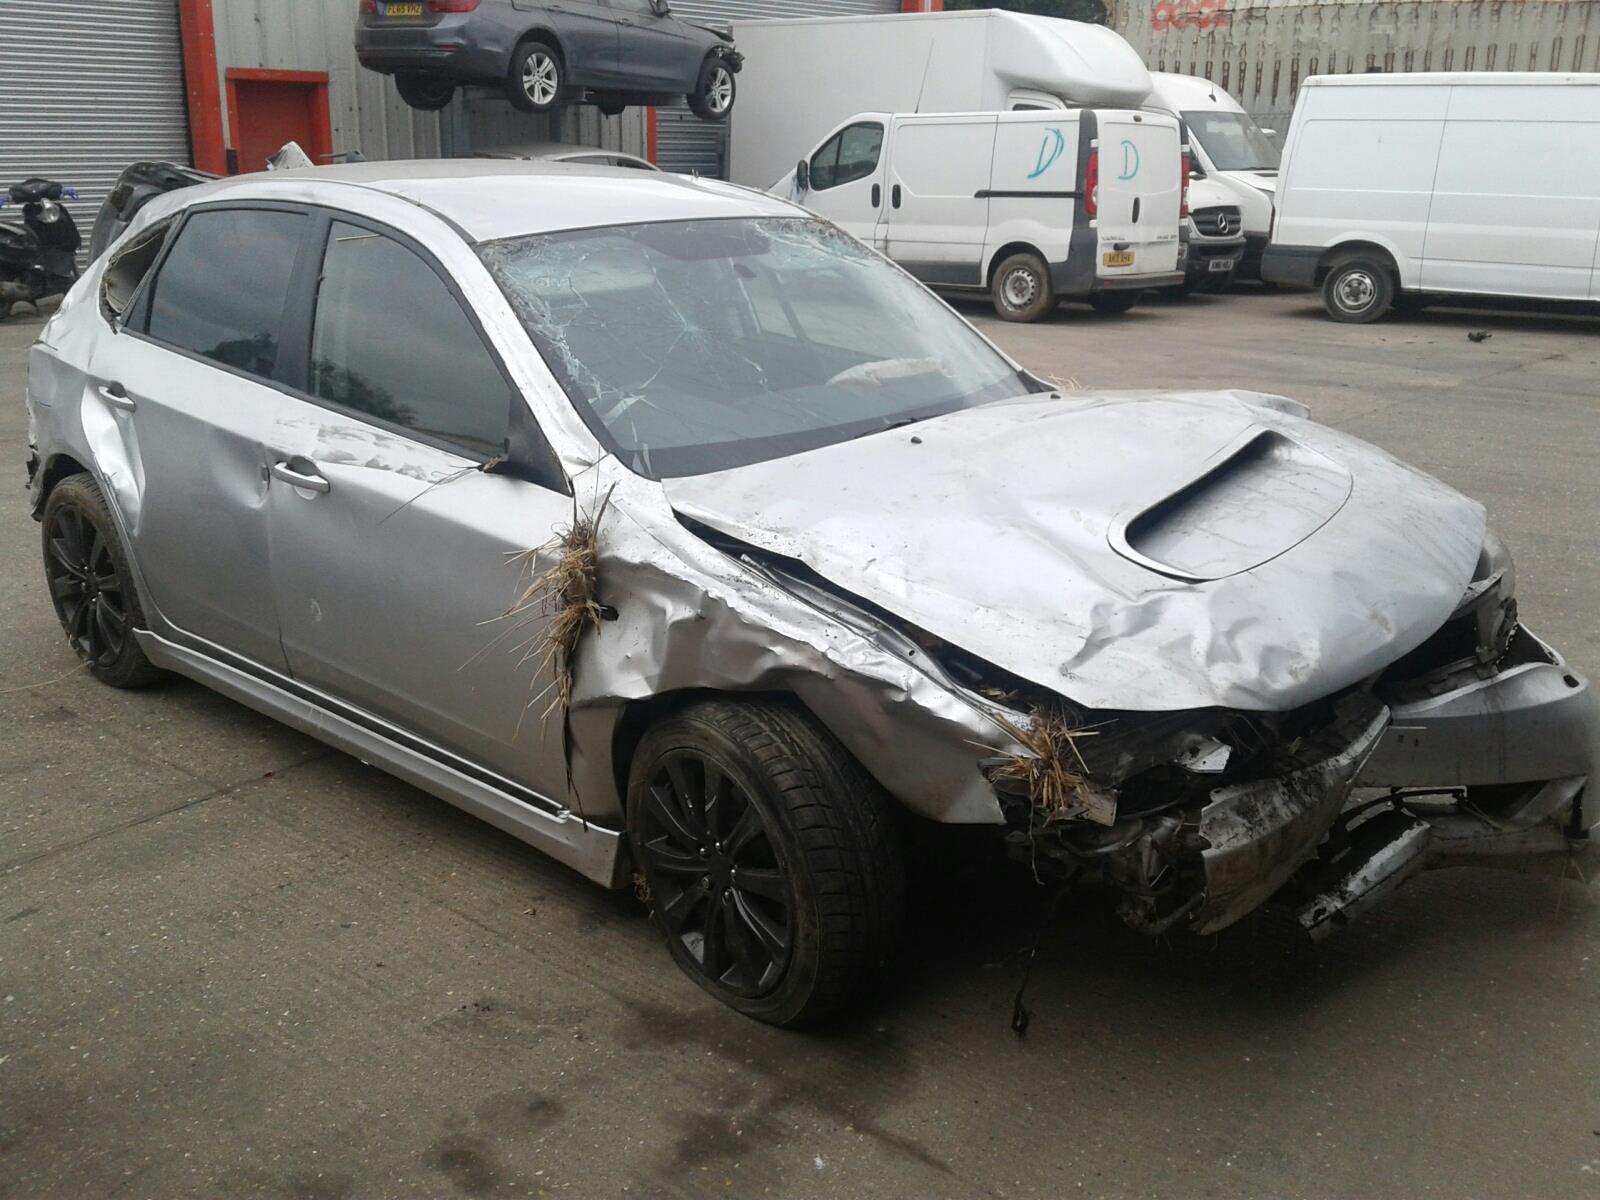 hight resolution of subaru impreza 2008 to 2012 wrx 5 door hatchback